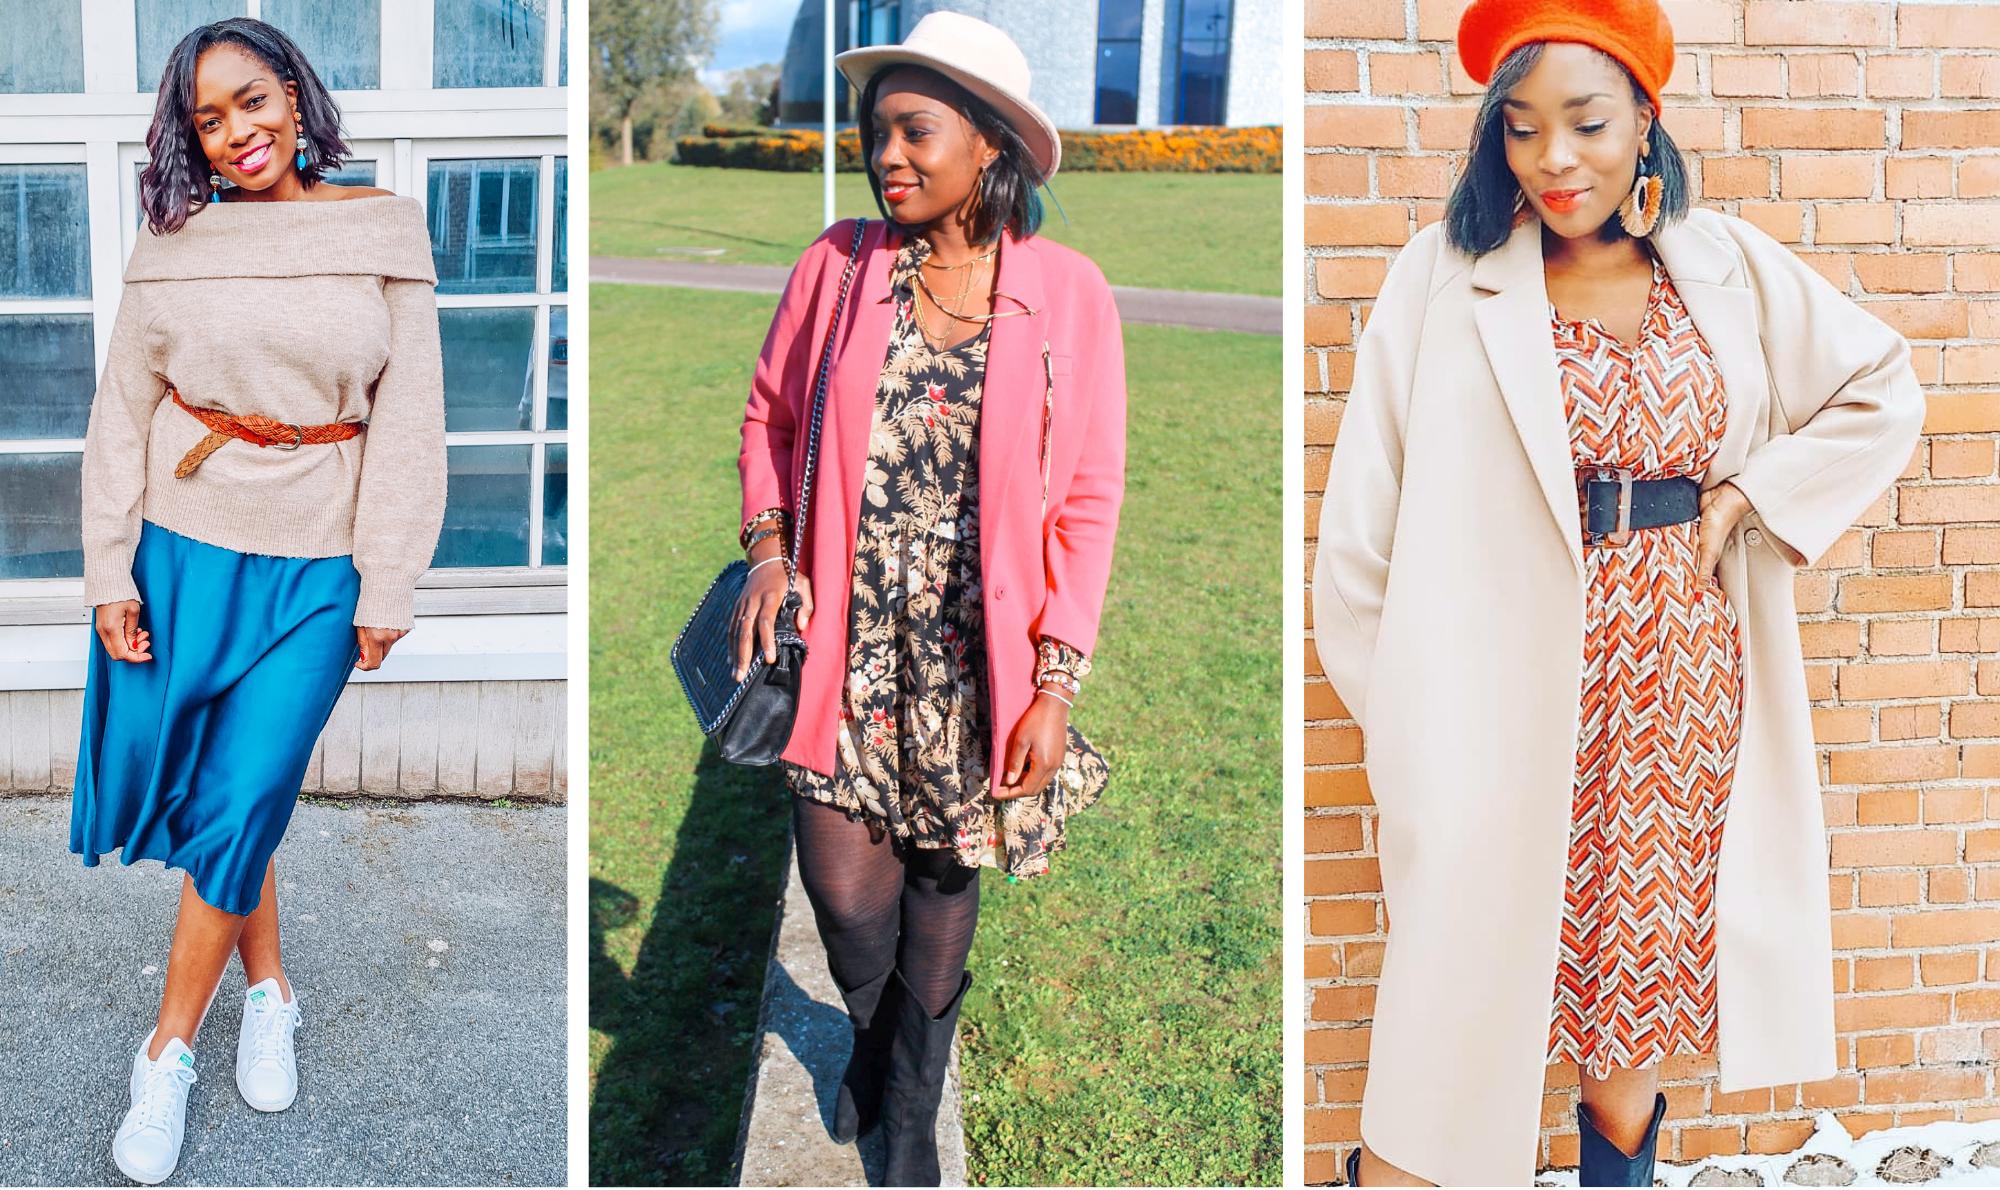 Comment trouver son style vestimentaire en 5 étapes